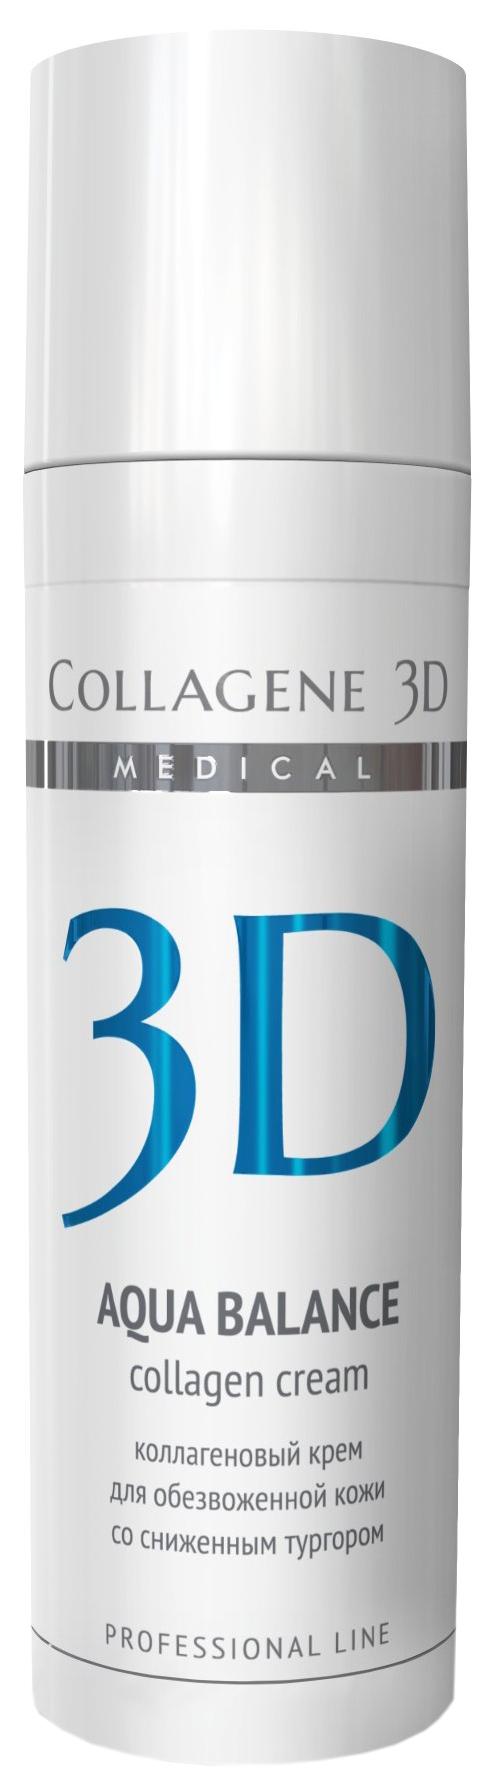 Крем для лица Medical Collagene 3D Aqua Balance 30 мл